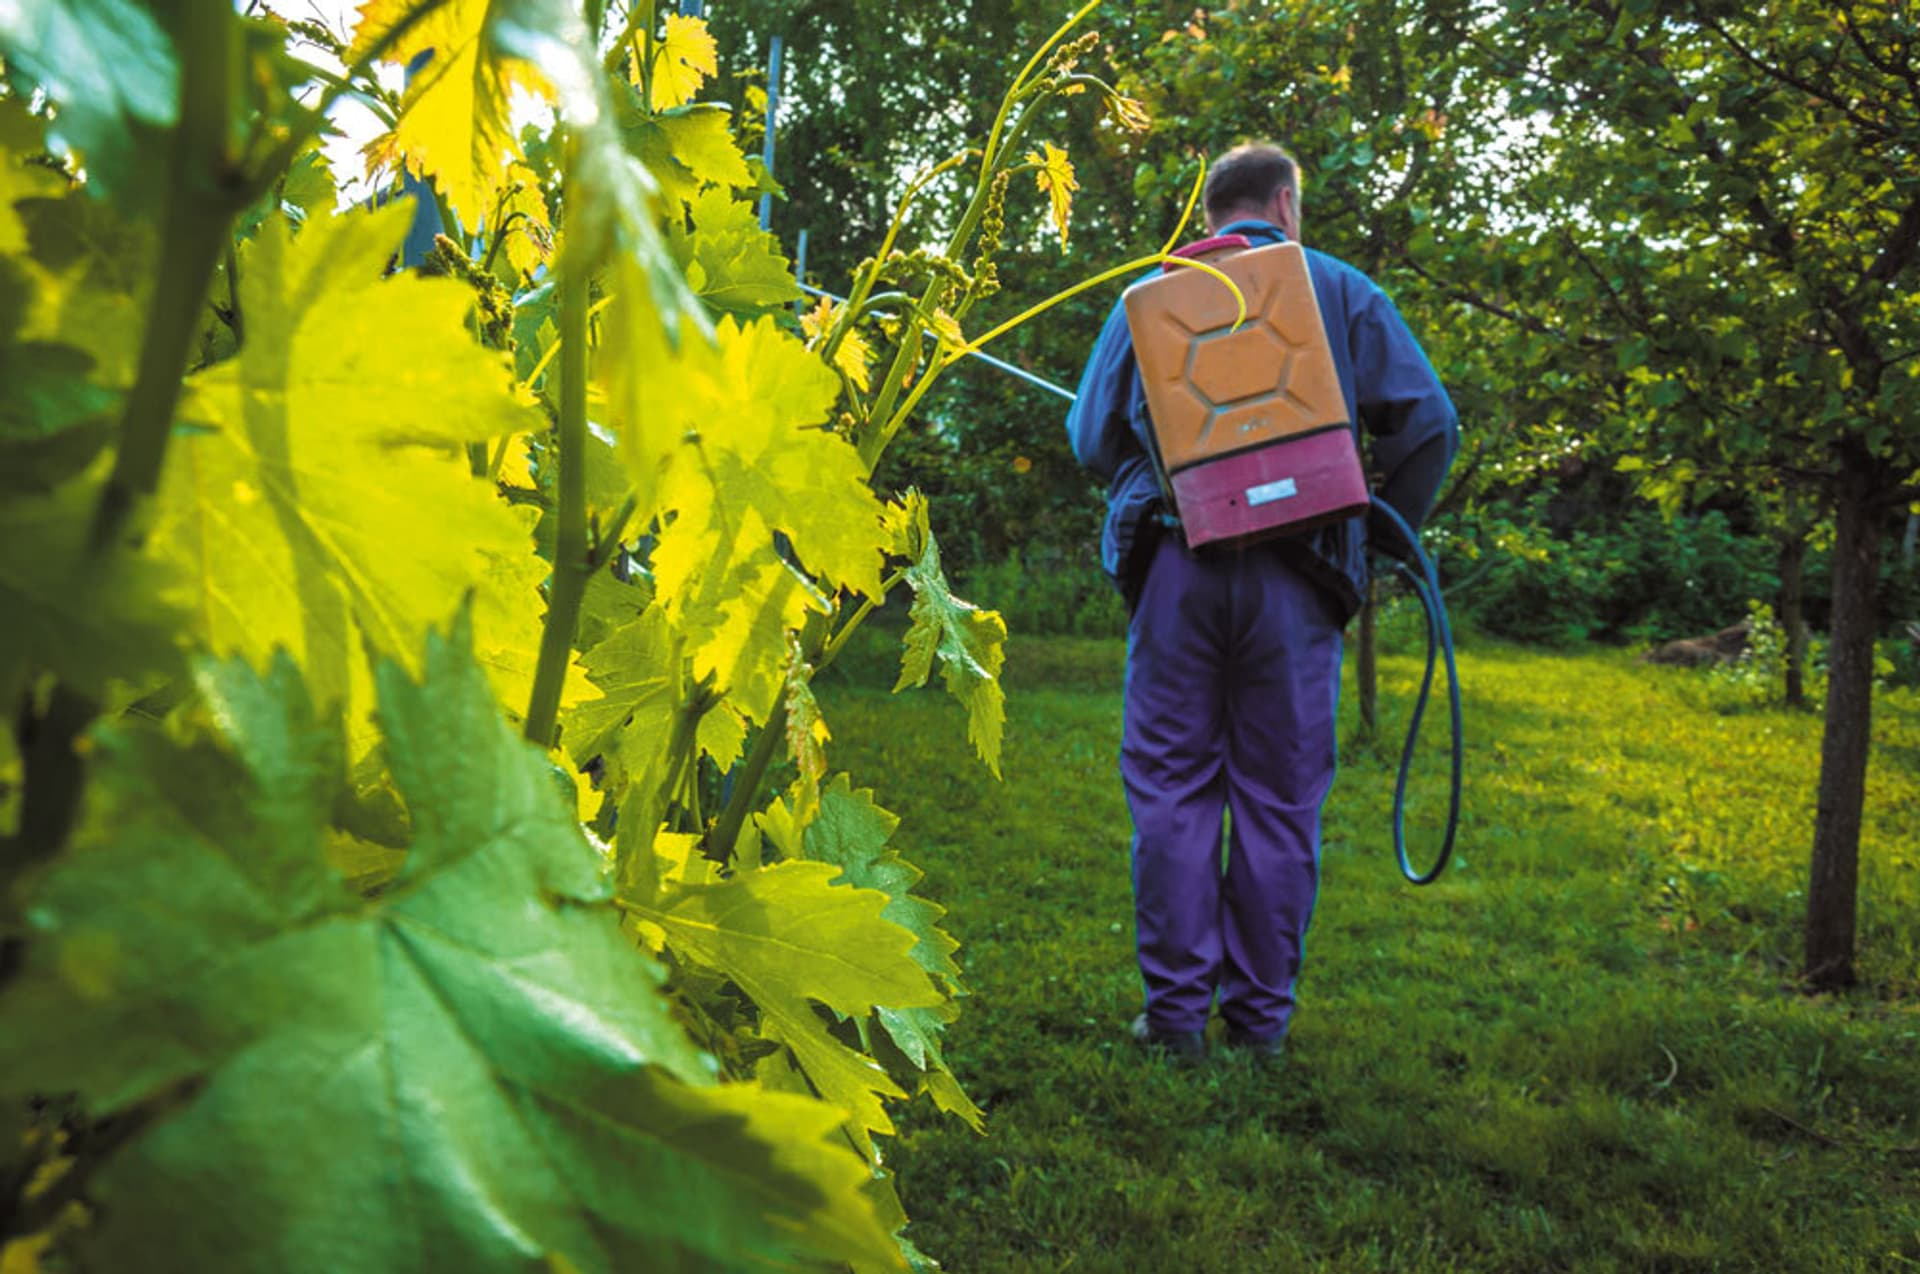 Ein Mann mit einem großen Kanister auf dem Rücken sprüht mit einem Schlauch Pestizide auf Pflanzen